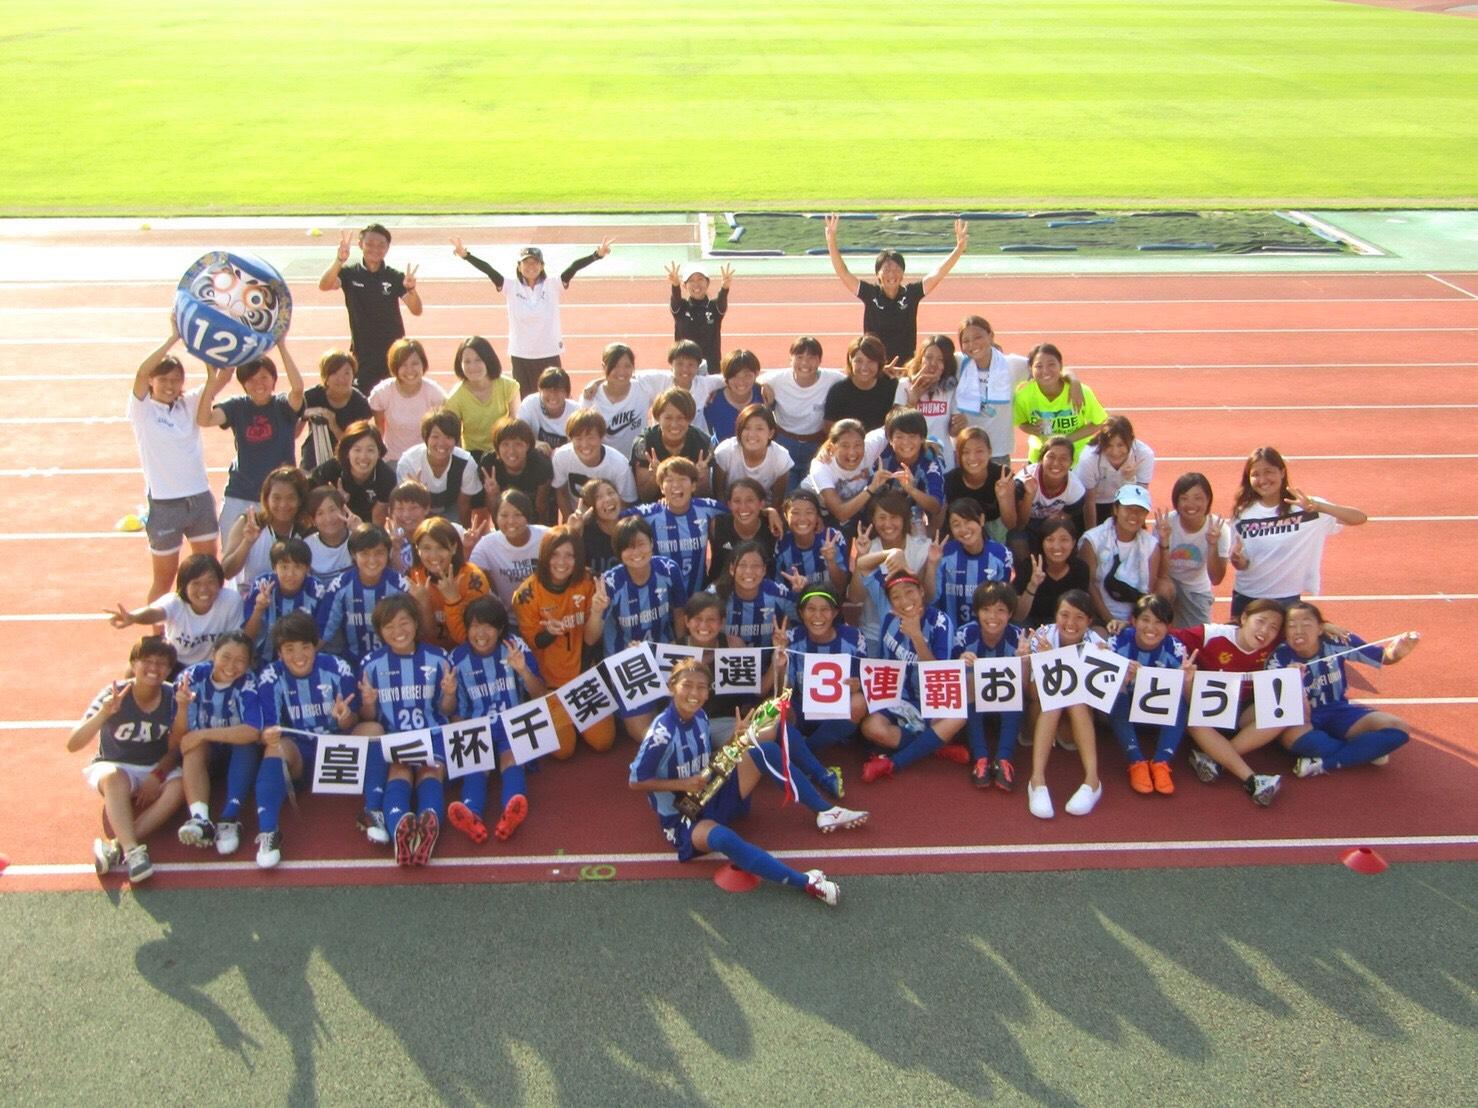 女子サッカー部が千葉県女子サッカー選手権大会で優勝。 -- 帝京平成大学